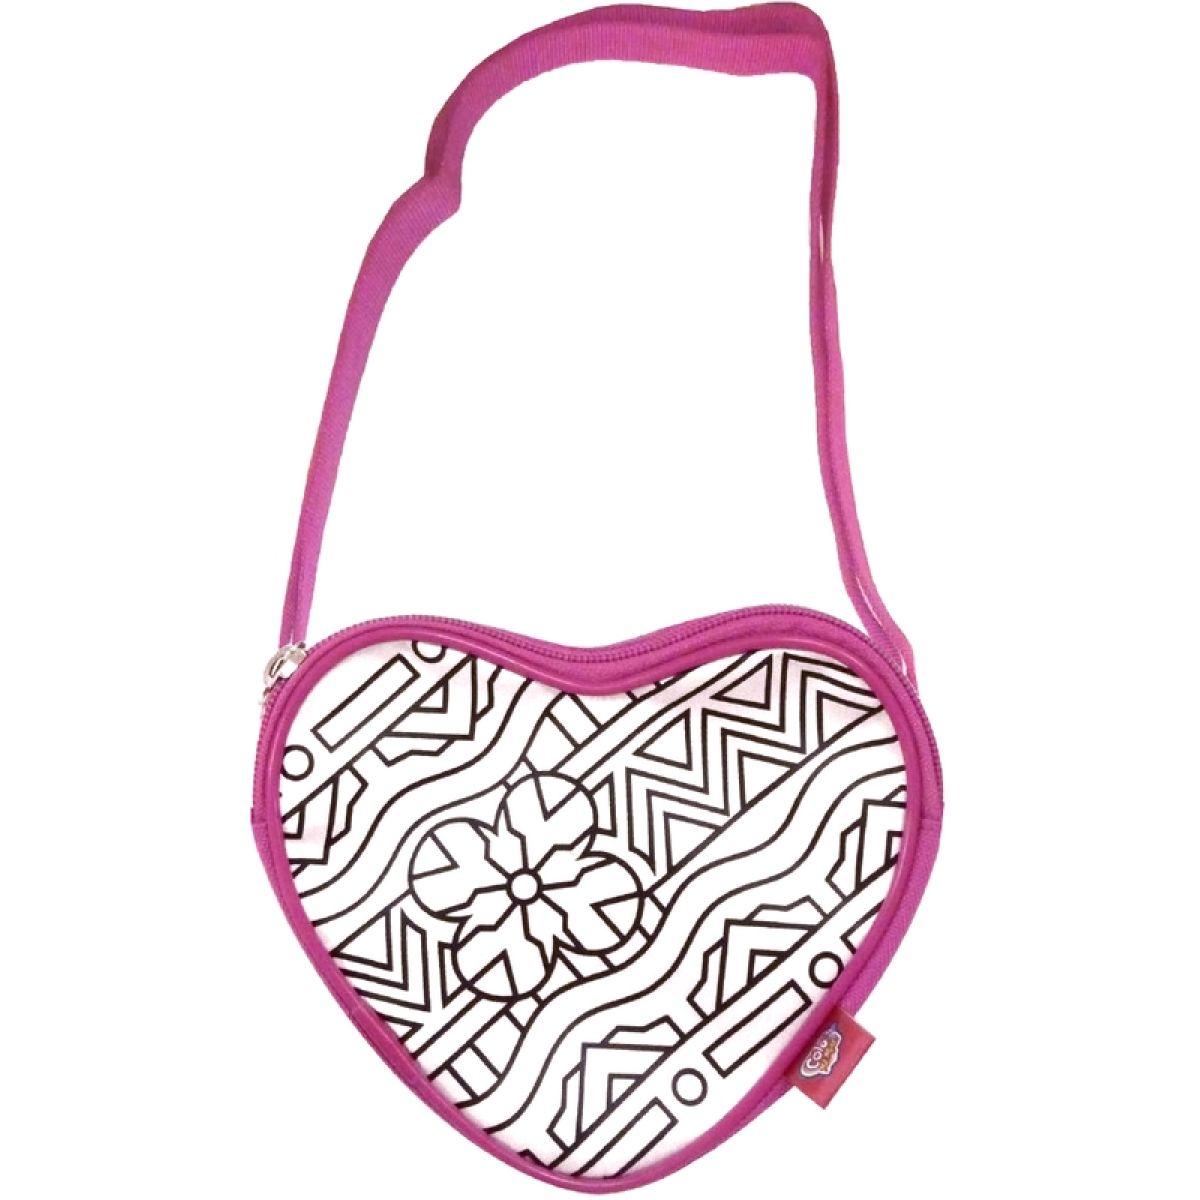 Color Me Mine Color mini kabelka měnící barvy - Heart bag